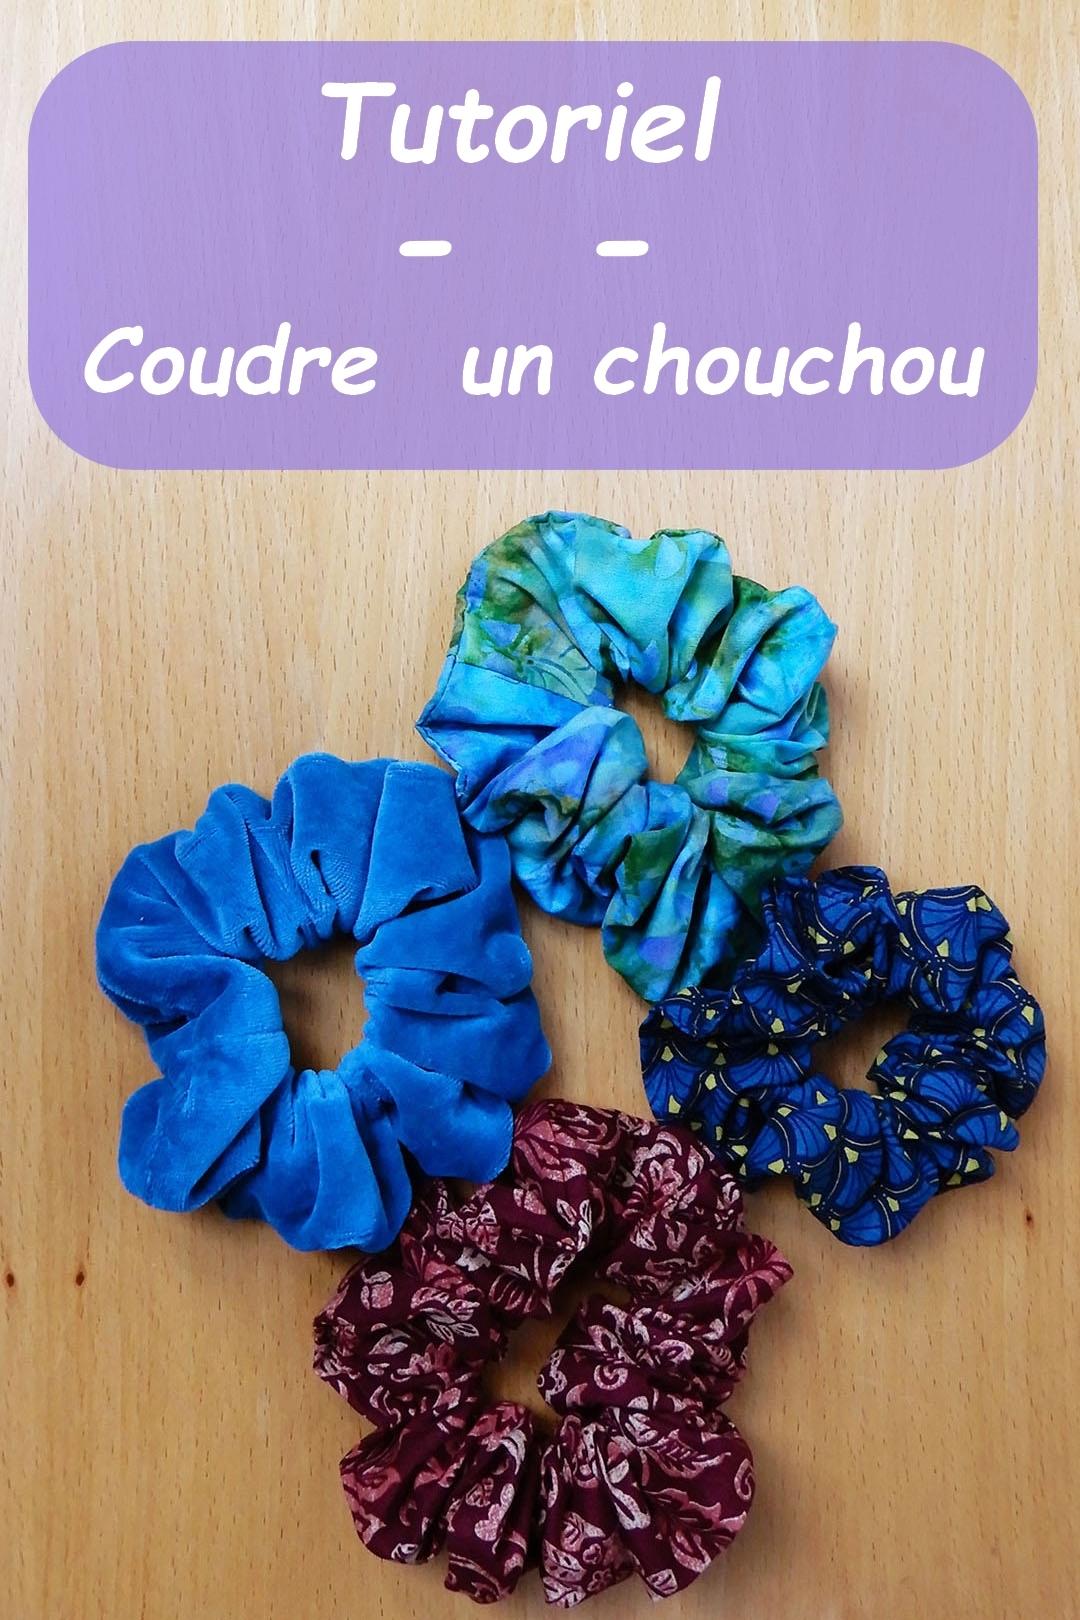 épingle pinterest - tutoriel coudre un chouchou - okrynplush.com